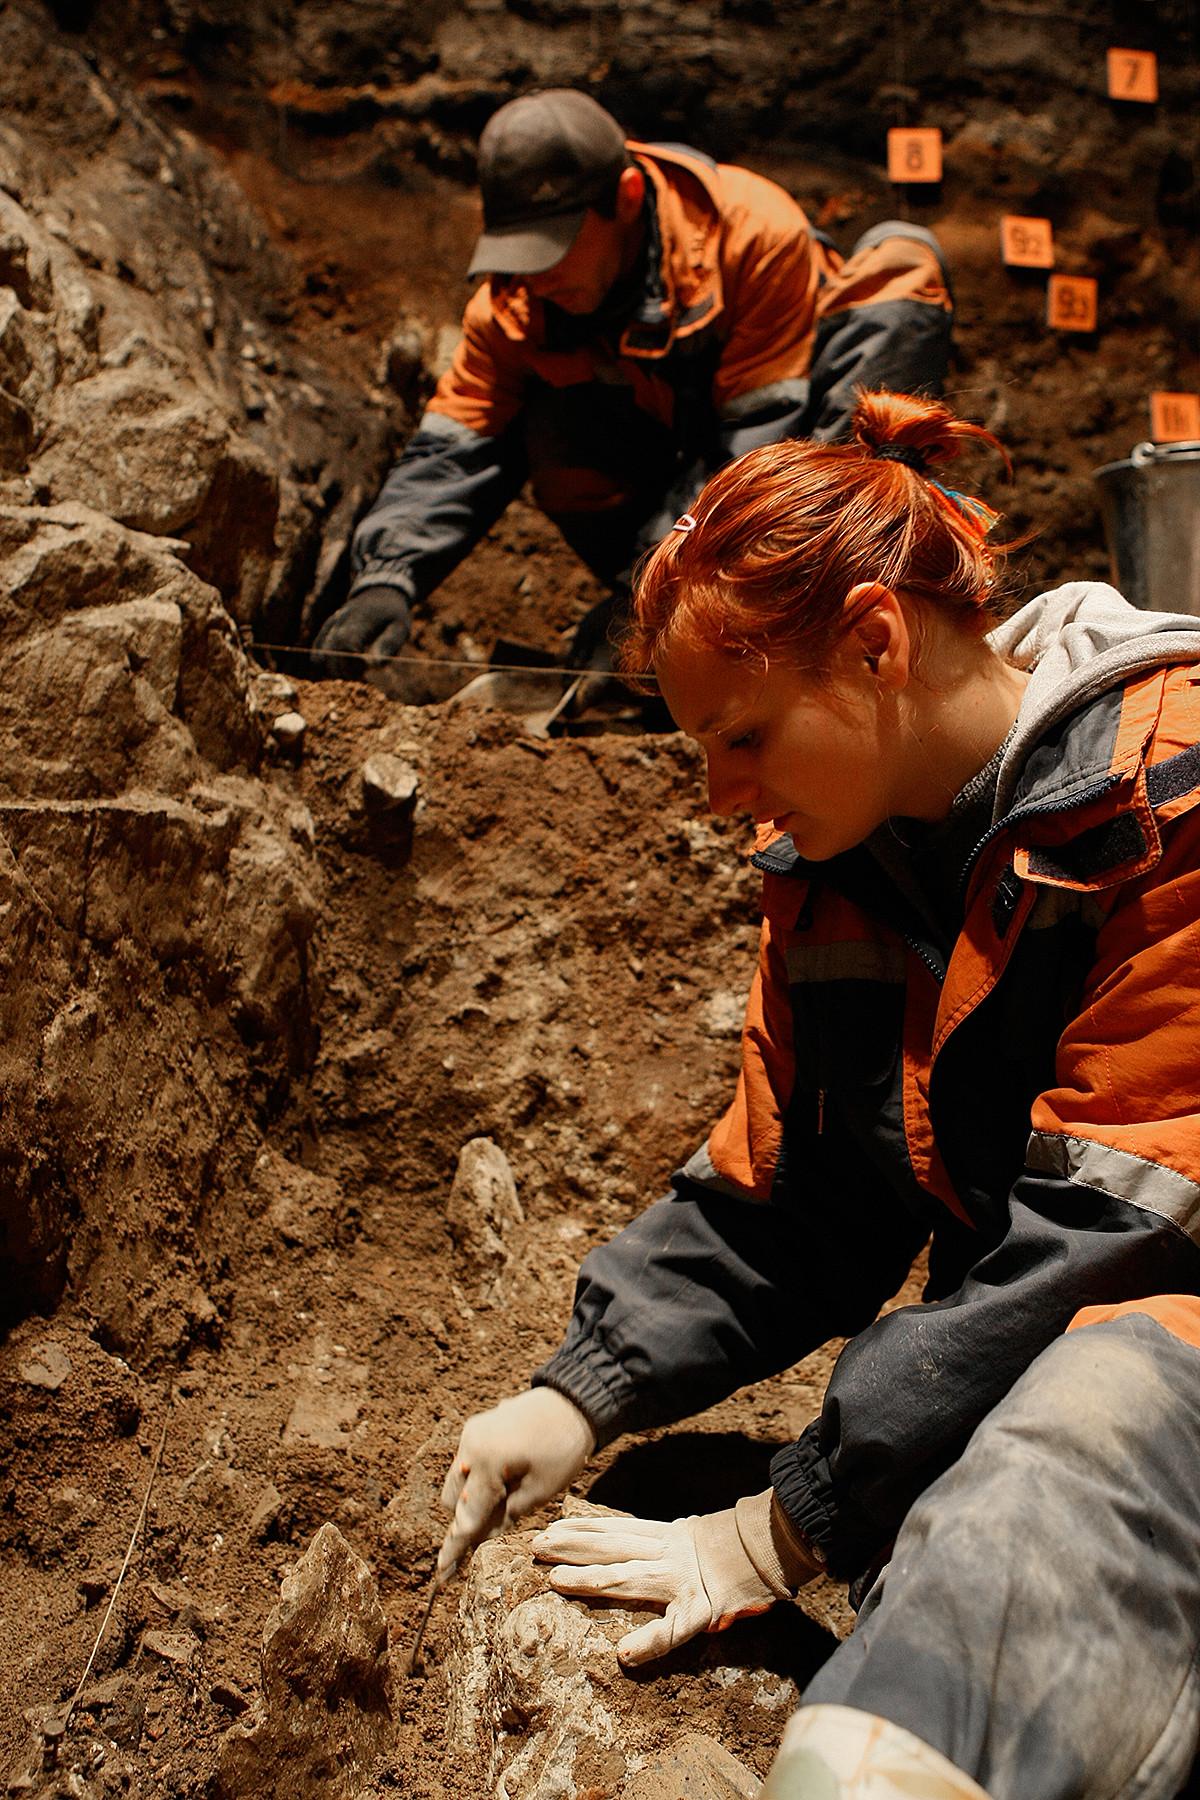 Los arqueólogos de la rama siberiana de la Academia Rusa de Ciencias en la cueva de Denisova